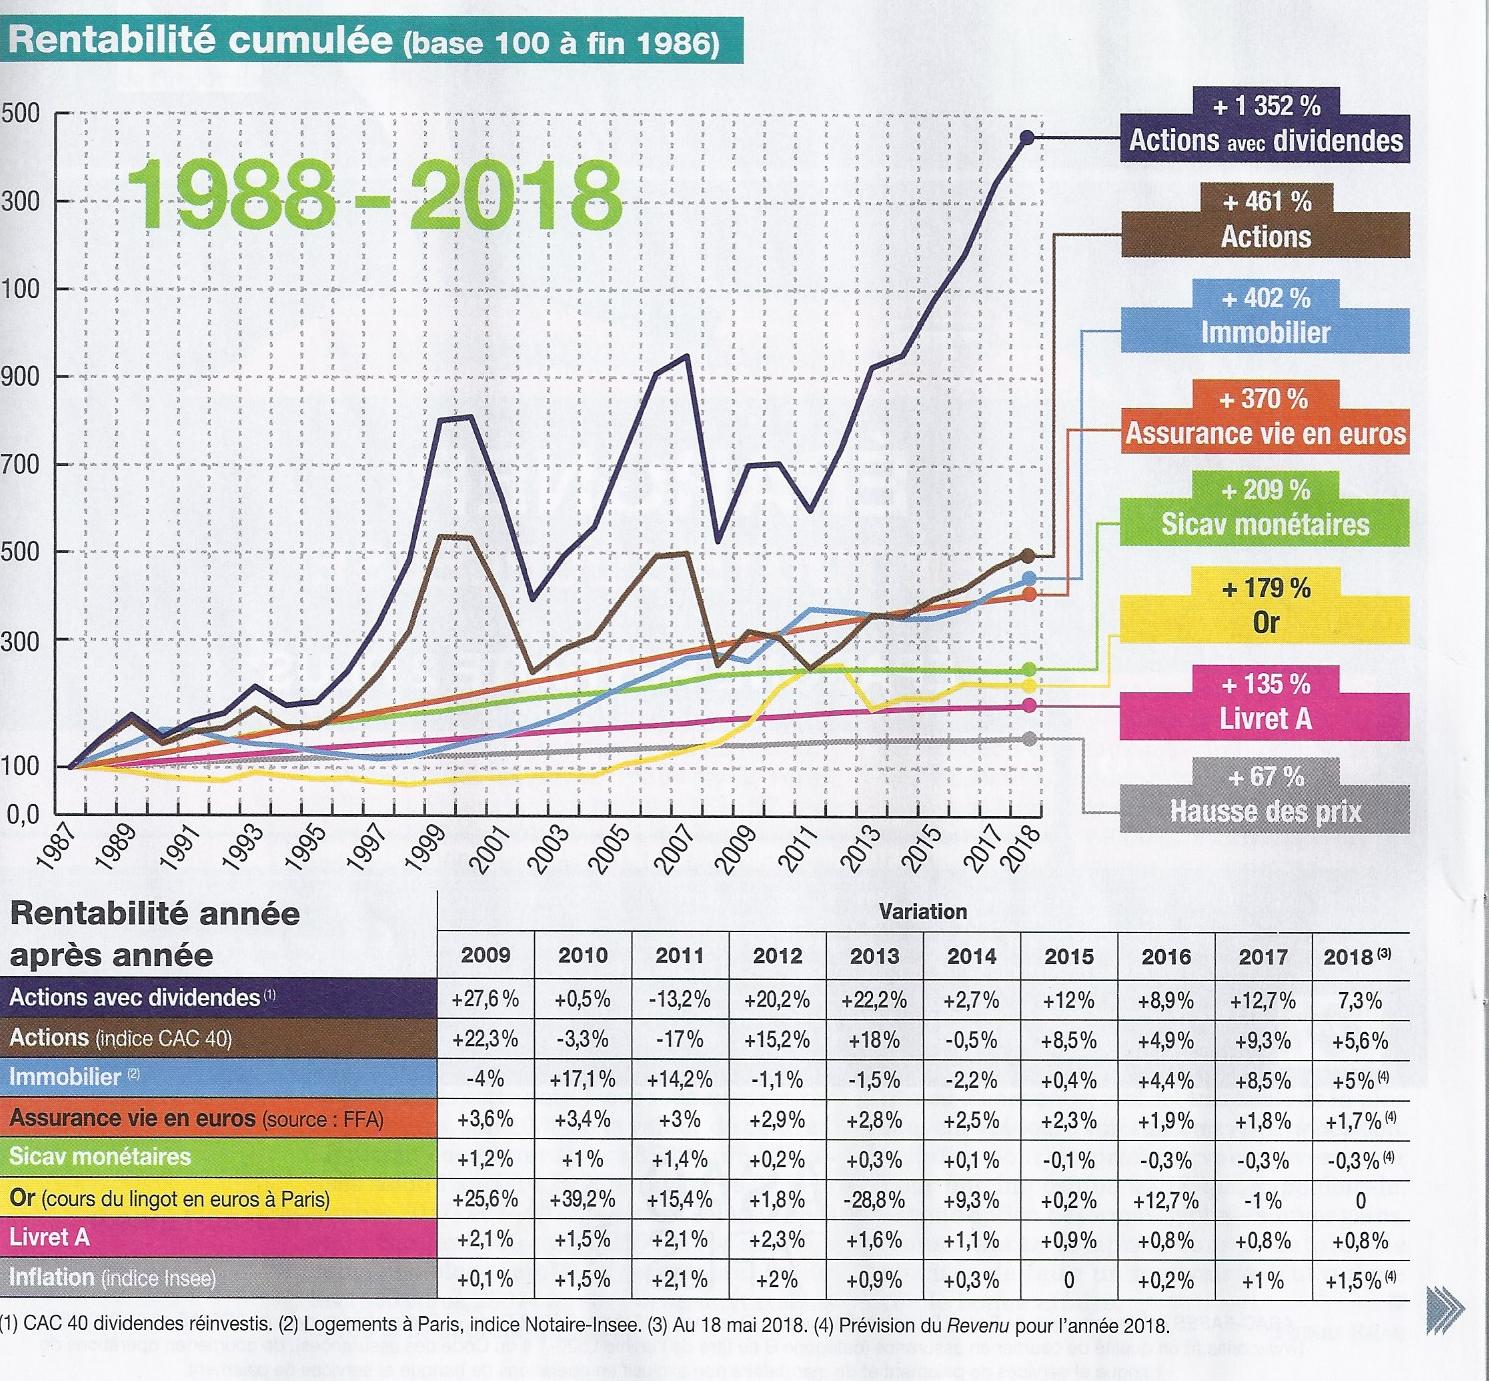 extrait de l'article du revenu numéro spécial été 2018 graphique comparatif des performances des différents placements (livret A,or, assurance vie en euros,immobilier, actions,actions avec dividendes) base 100 de fin 1986 à 2018